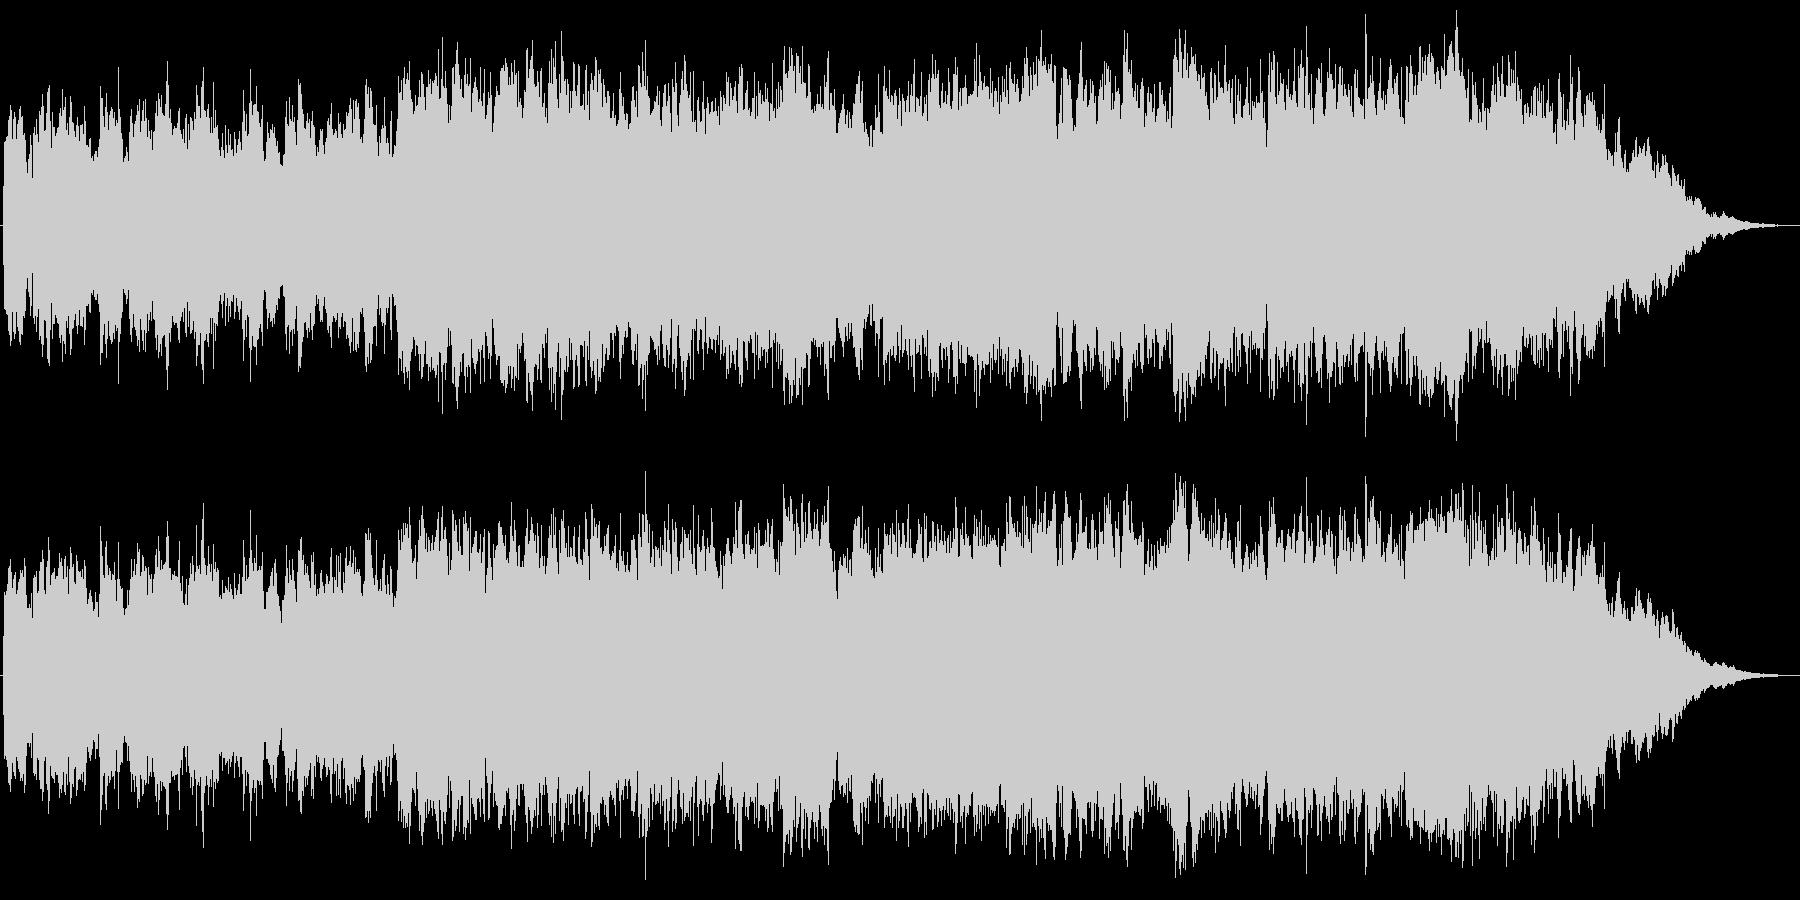 映像BGM(荘厳、きらびやか)の未再生の波形